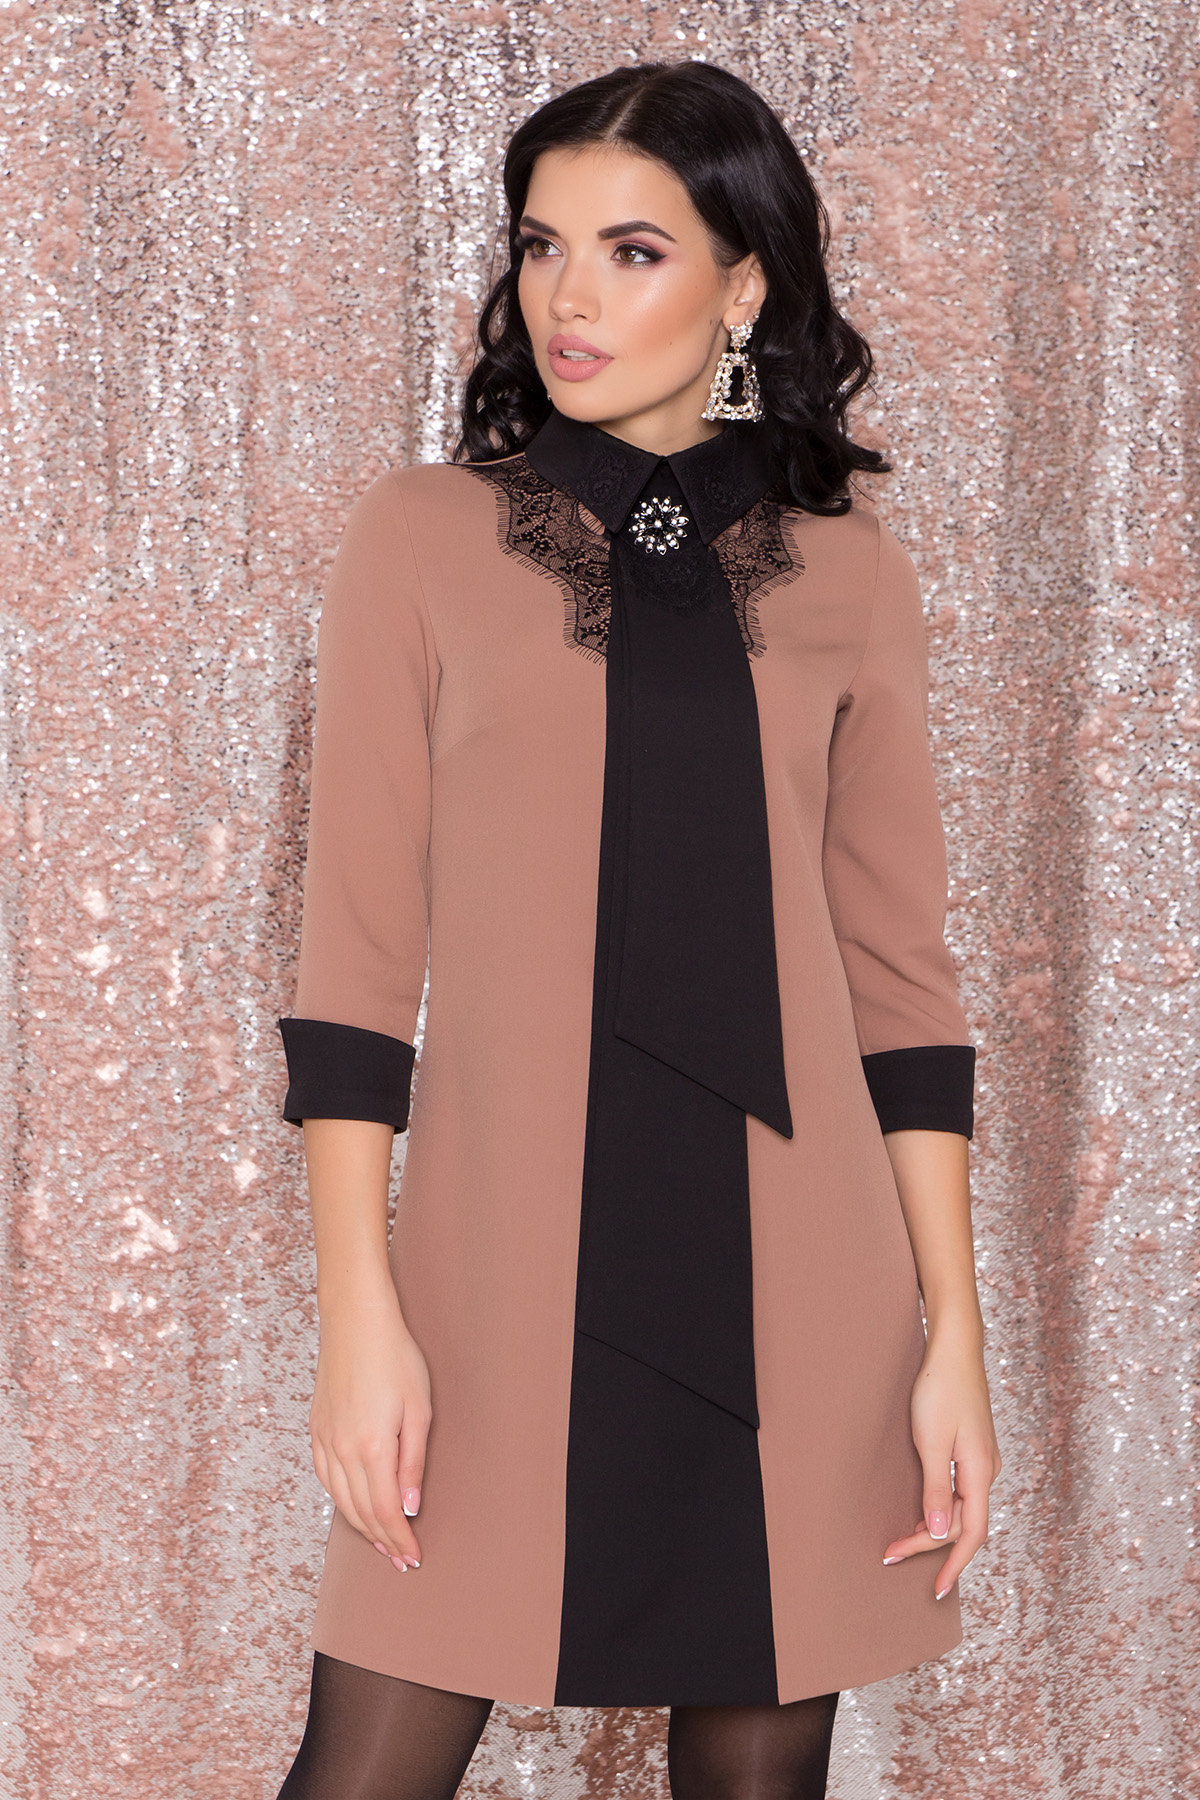 Платье-трапеция Вивьен 8512 АРТ. 44800 Цвет: Бежевый Т/черный - фото 2, интернет магазин tm-modus.ru